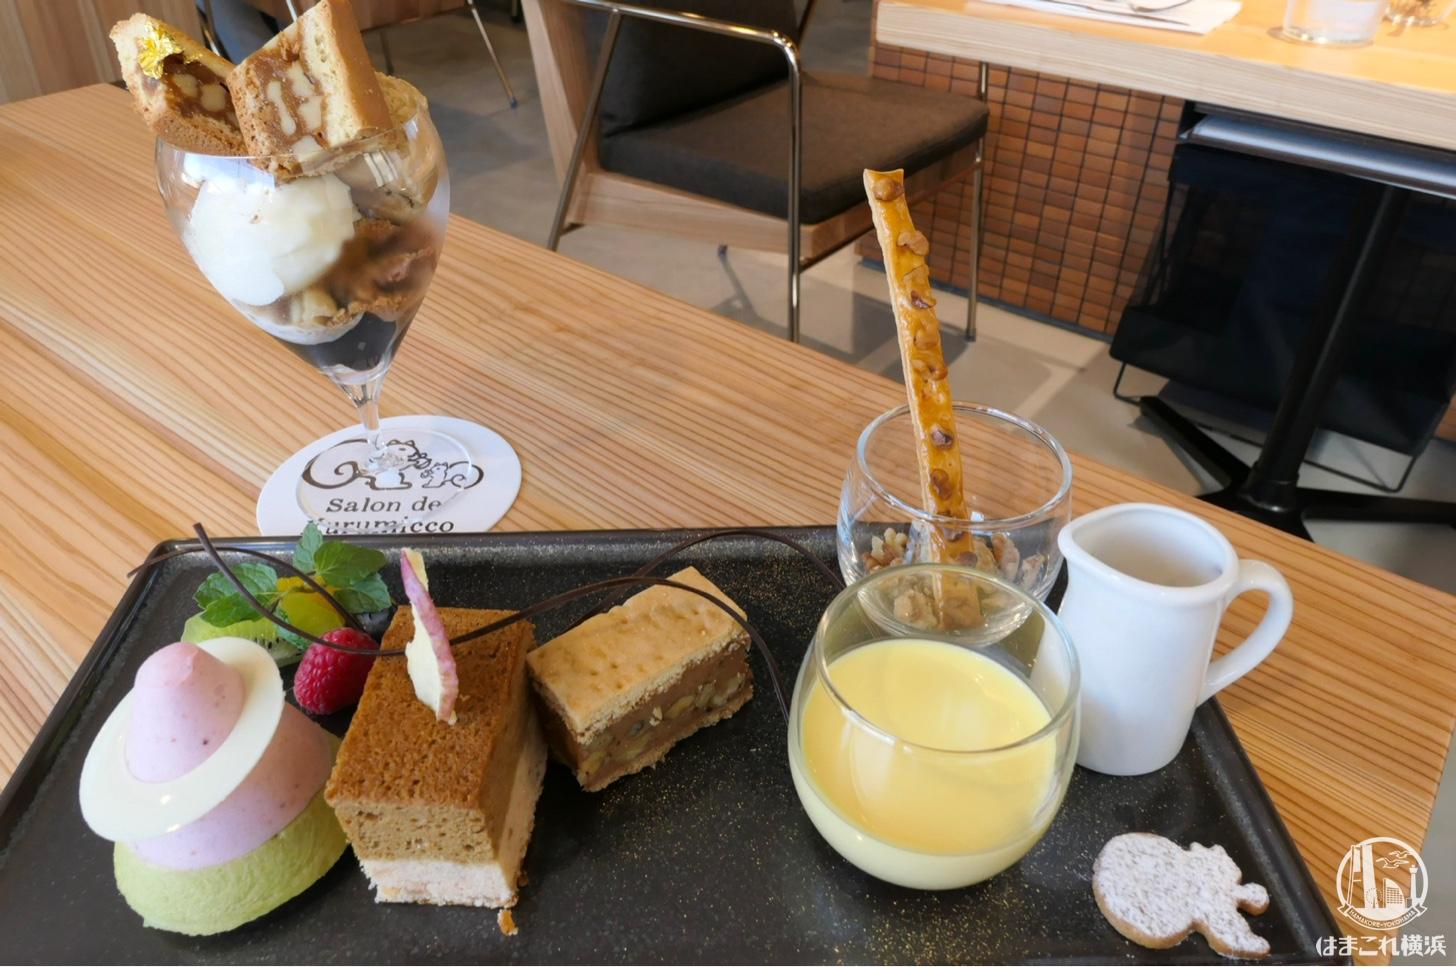 クルミッ子のカフェ「サロン・ド・クルミッ子」で予約限定プレート初体験!隠れリスも